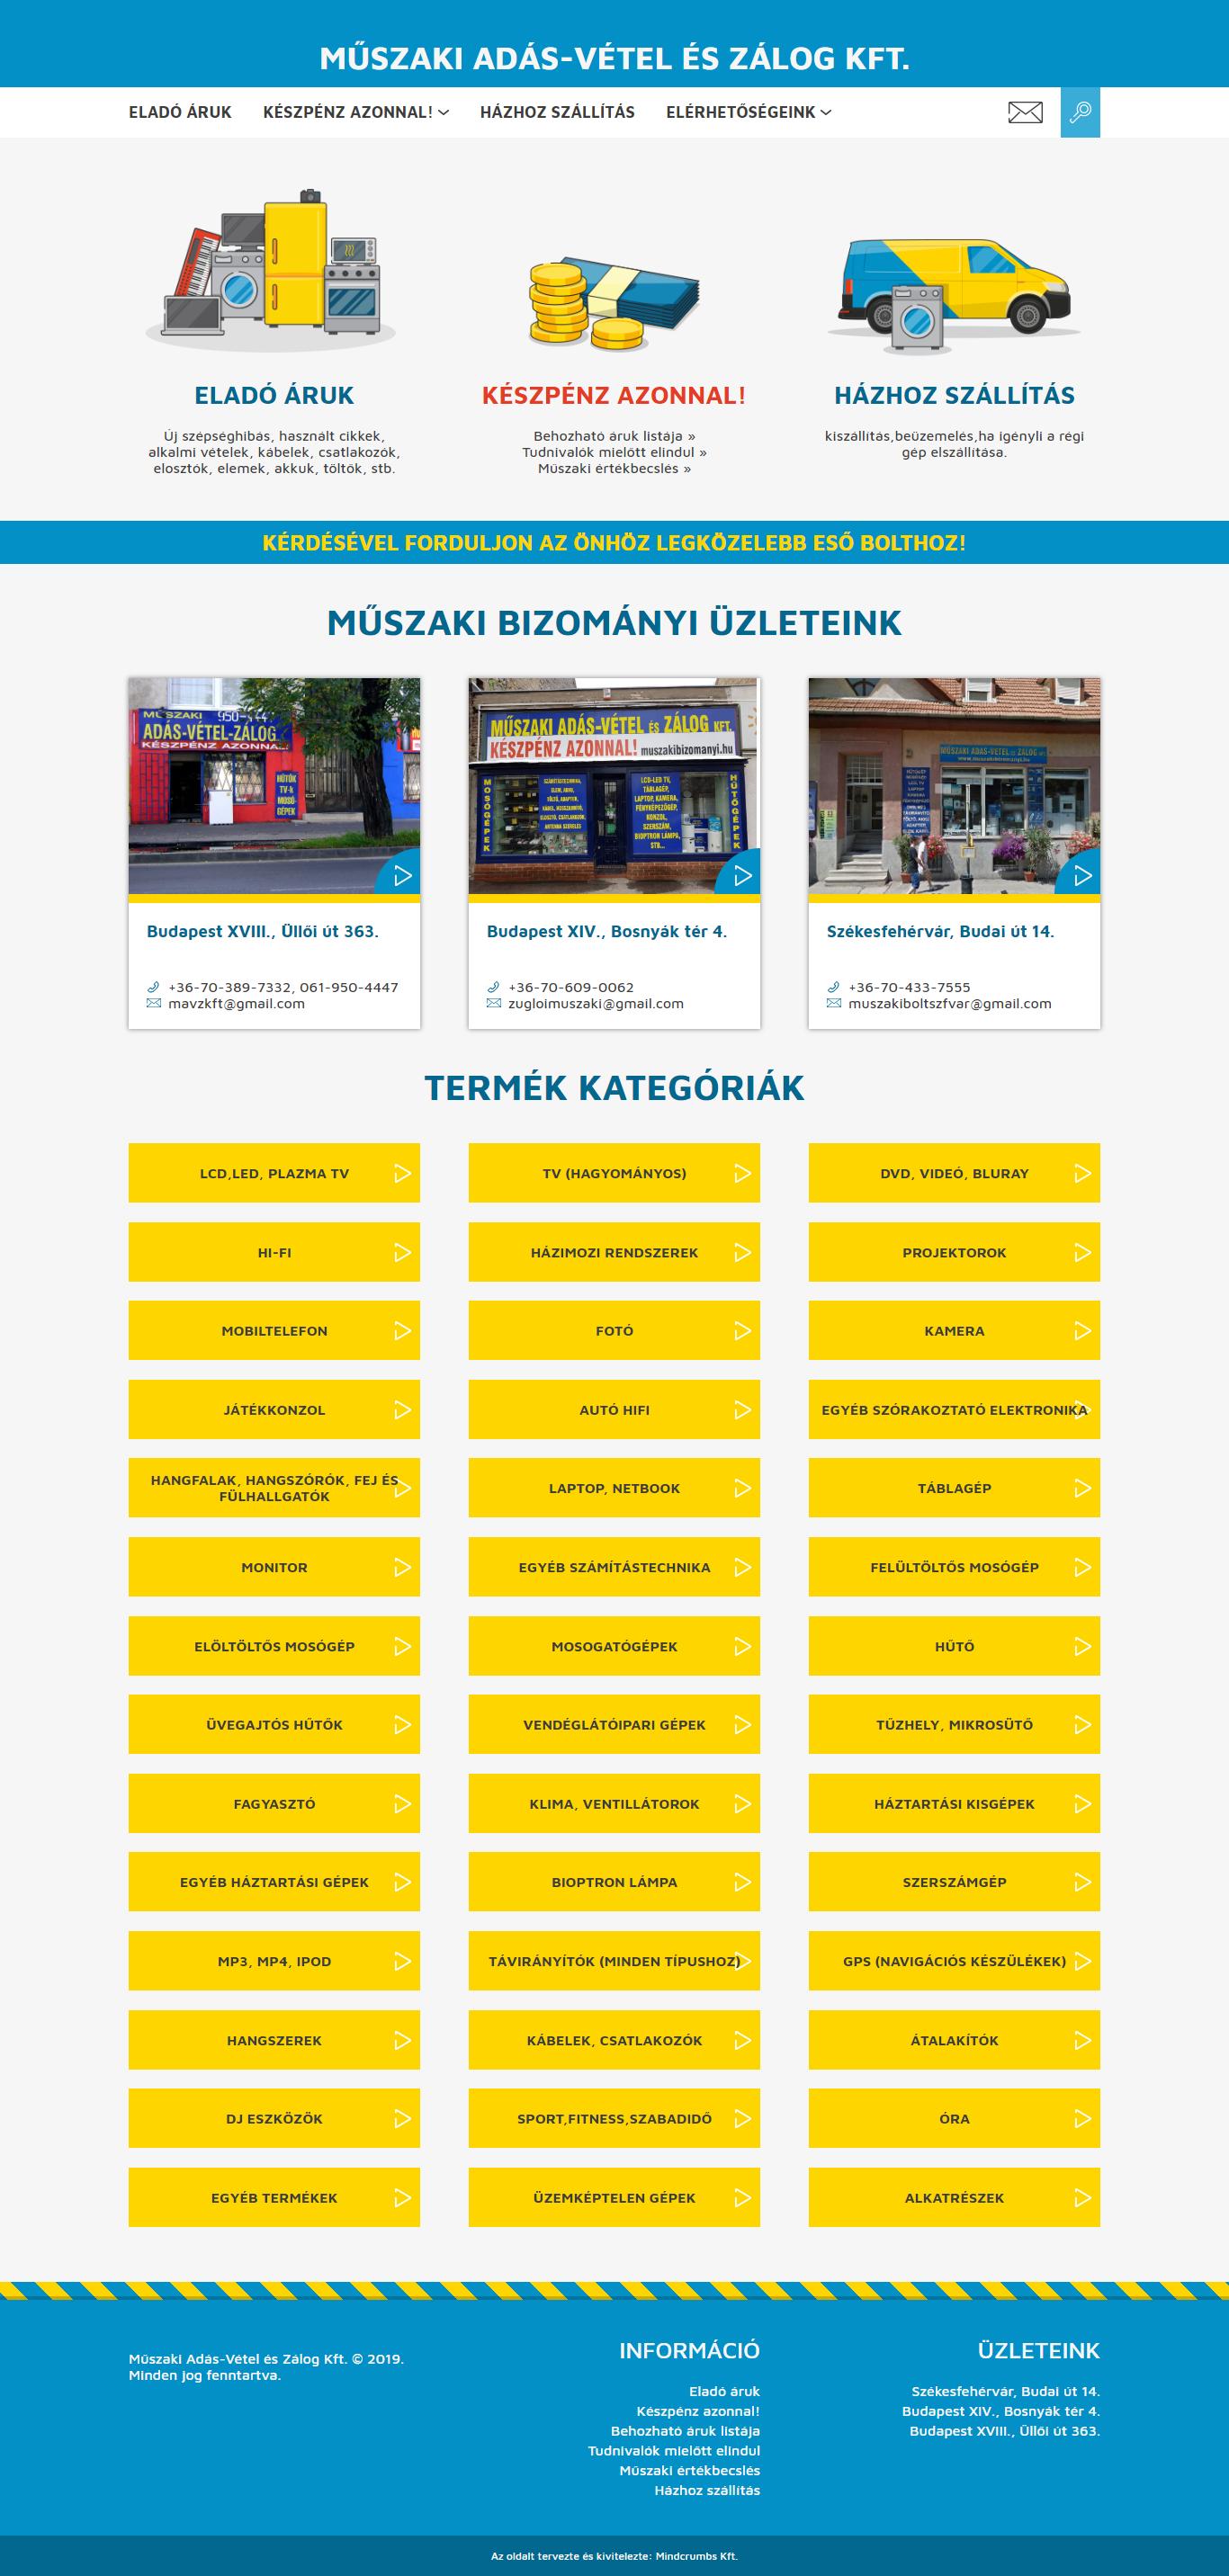 Műszaki Bizományi honlap, főkép